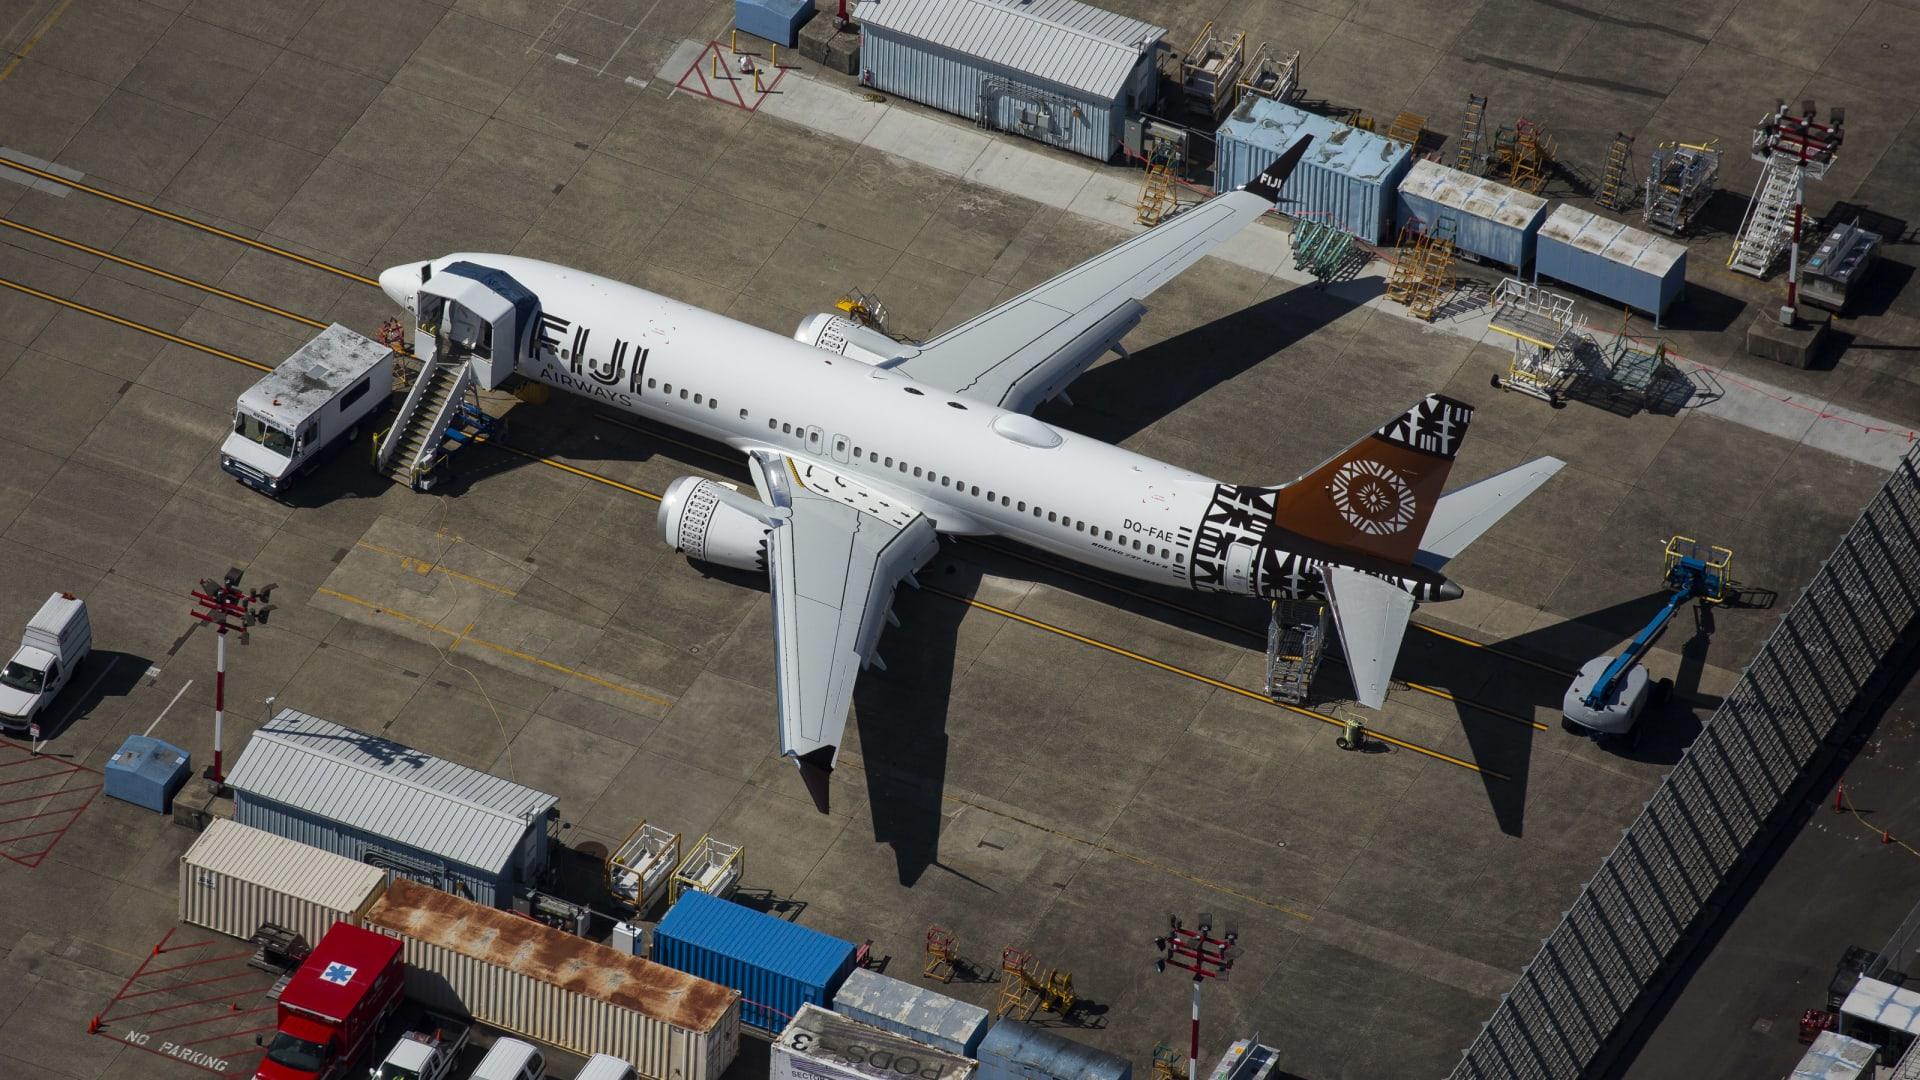 تحذير موظف في بوينغ قبل تحطم 737 يبرز بالكونغرس.. ماذا قال؟